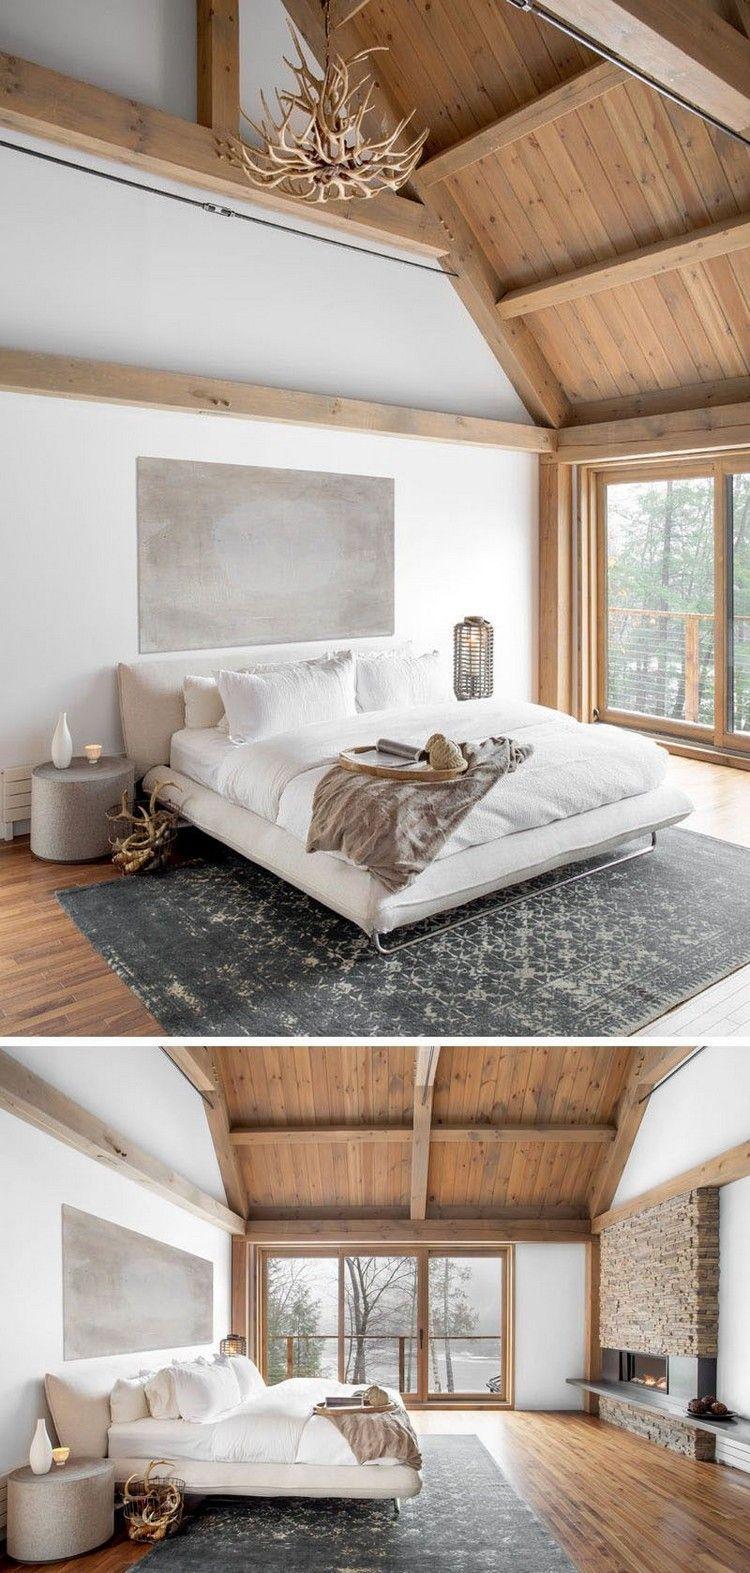 Einrichtungsidee für Schlafzimmer mit Dachschräge | Wohnideen fürs ...